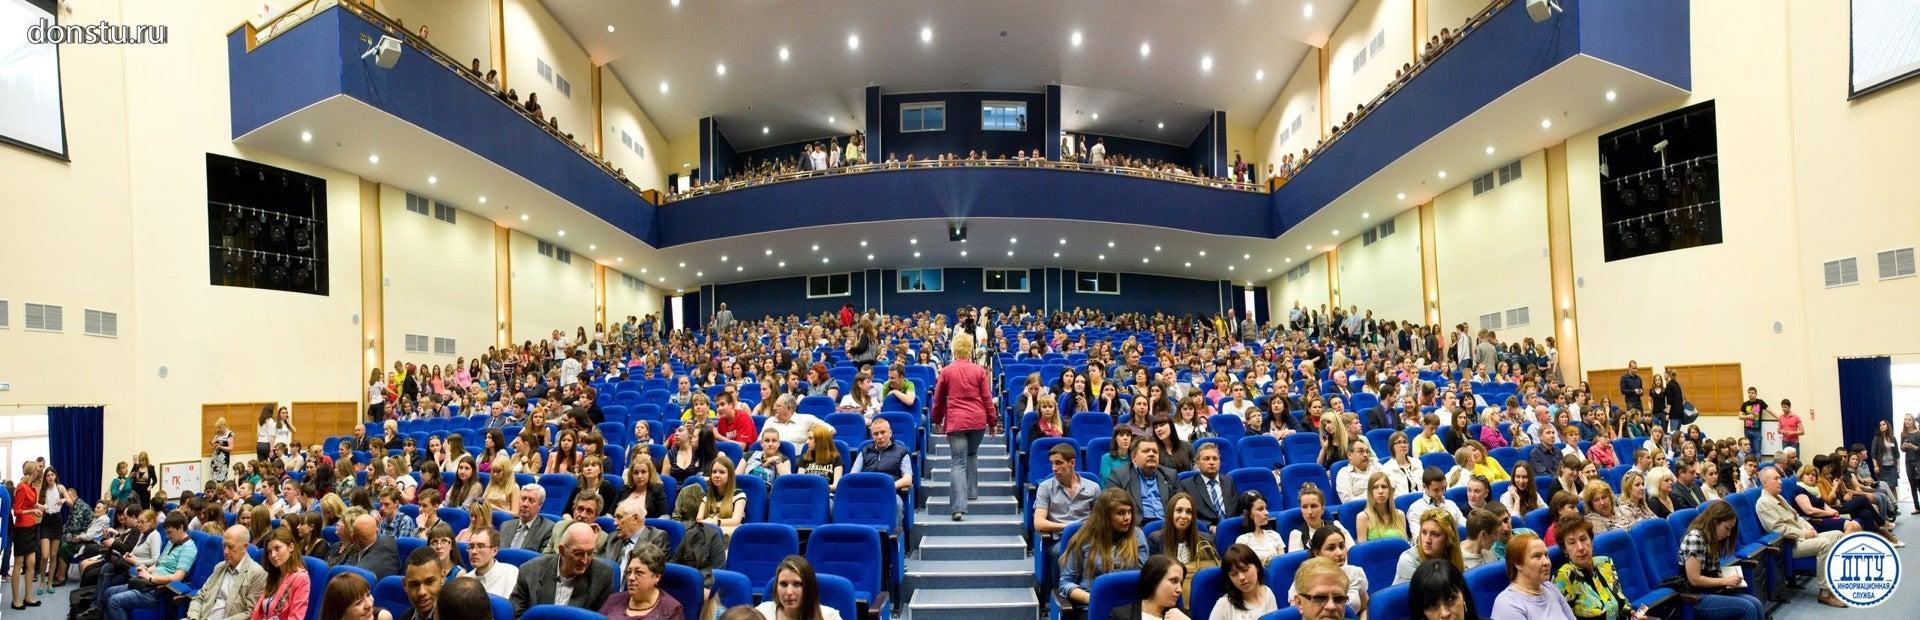 Конгресс холл дгту схема зала фото 526